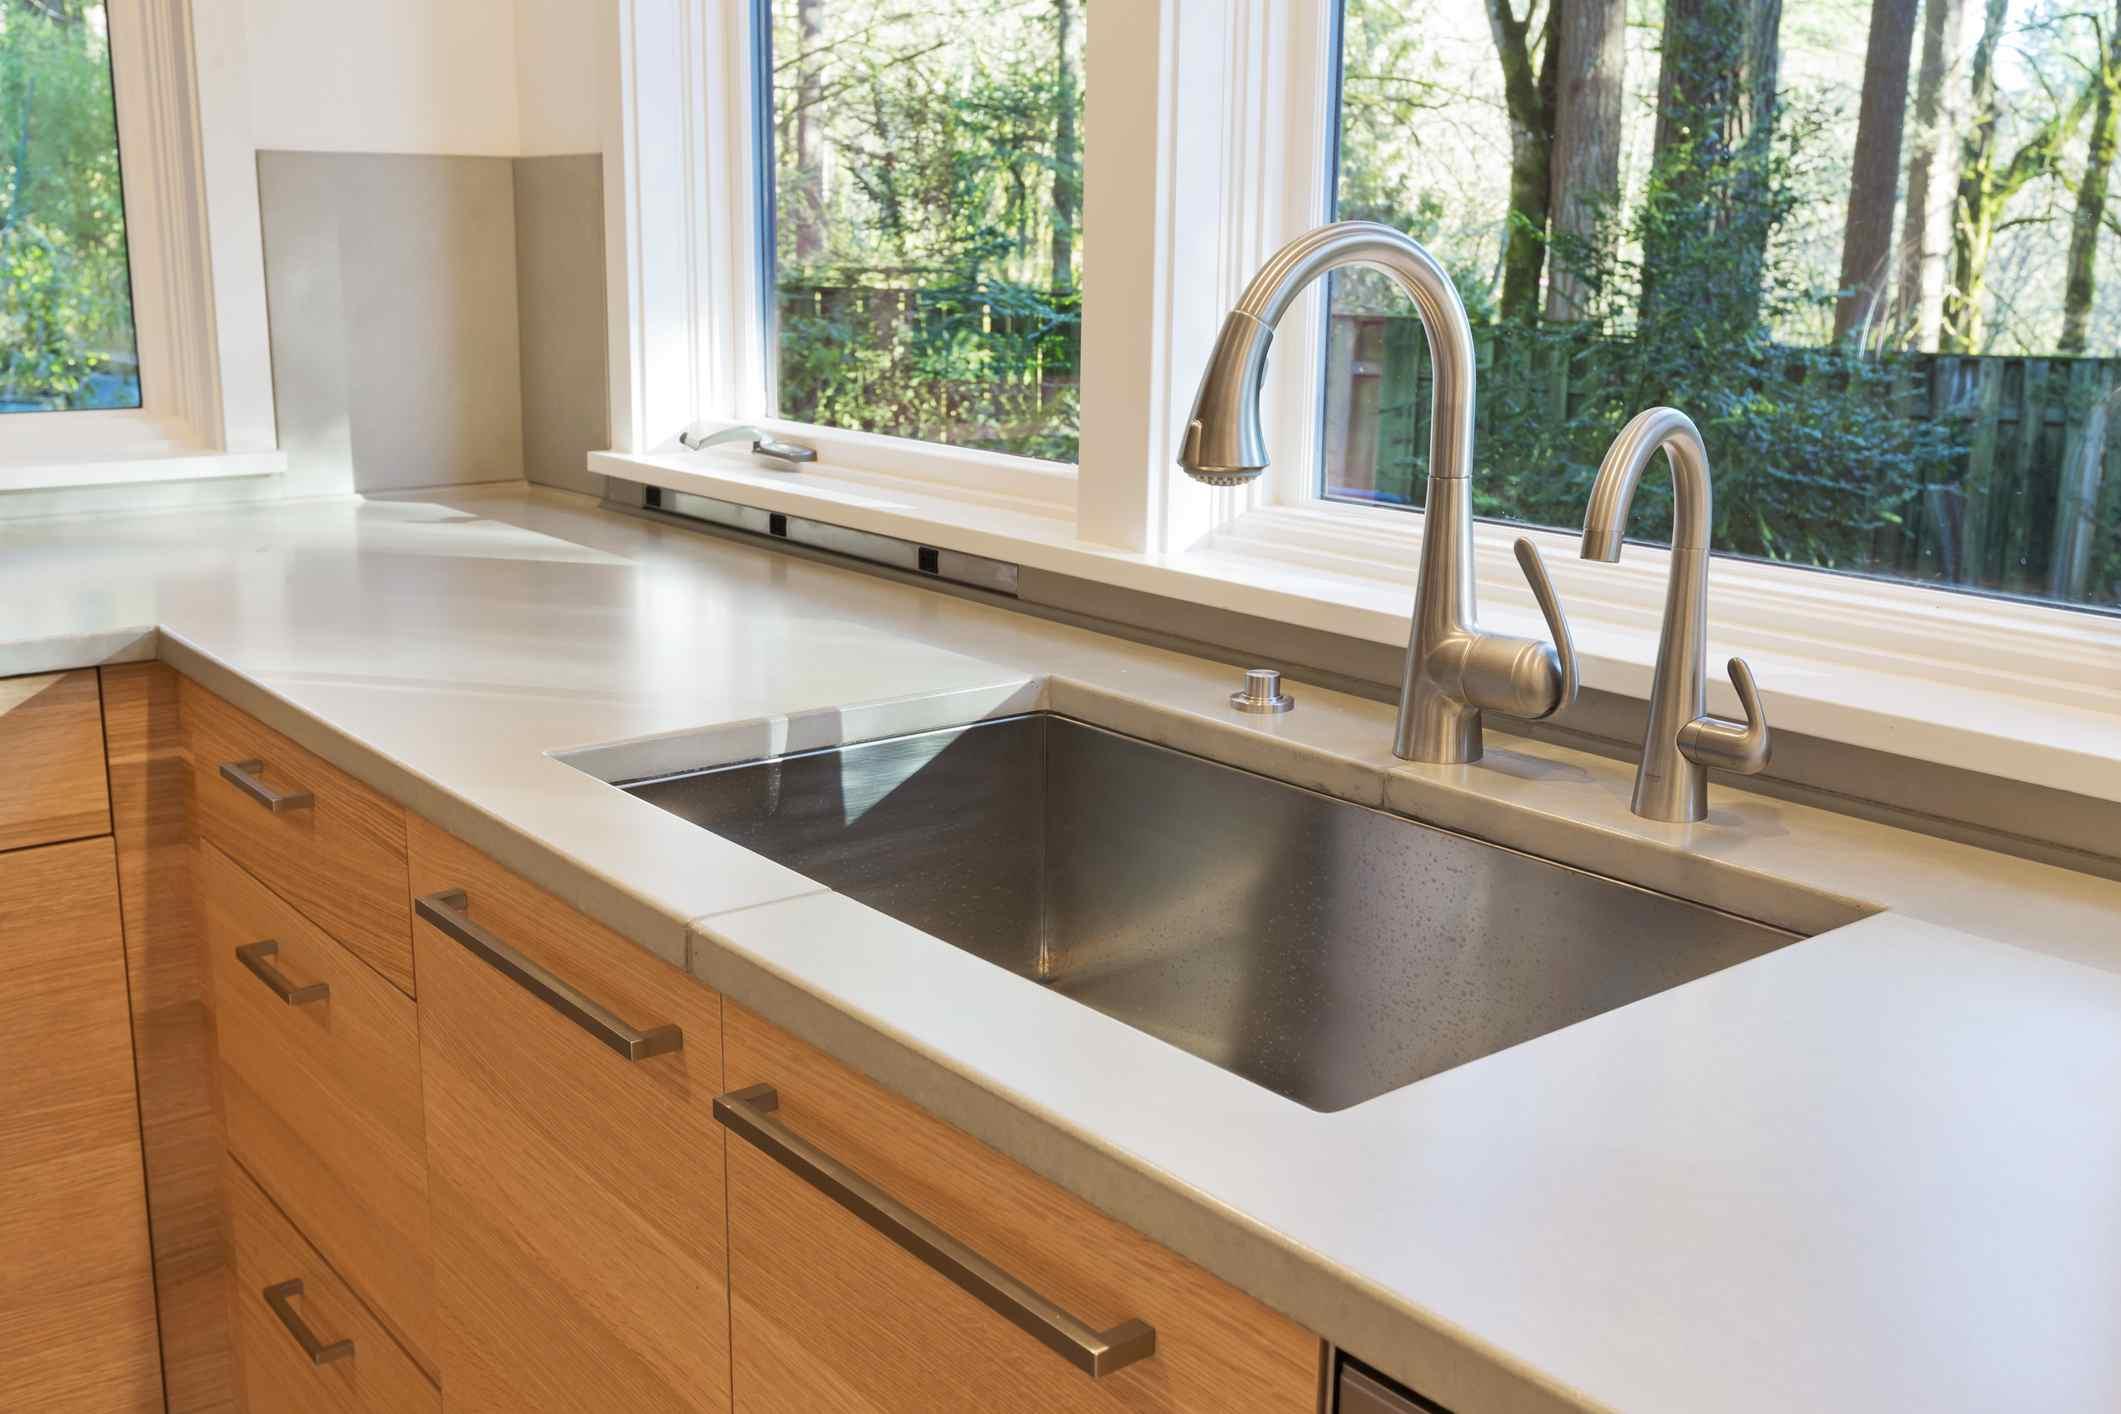 Undermount kitchen sink in a modern kitchen